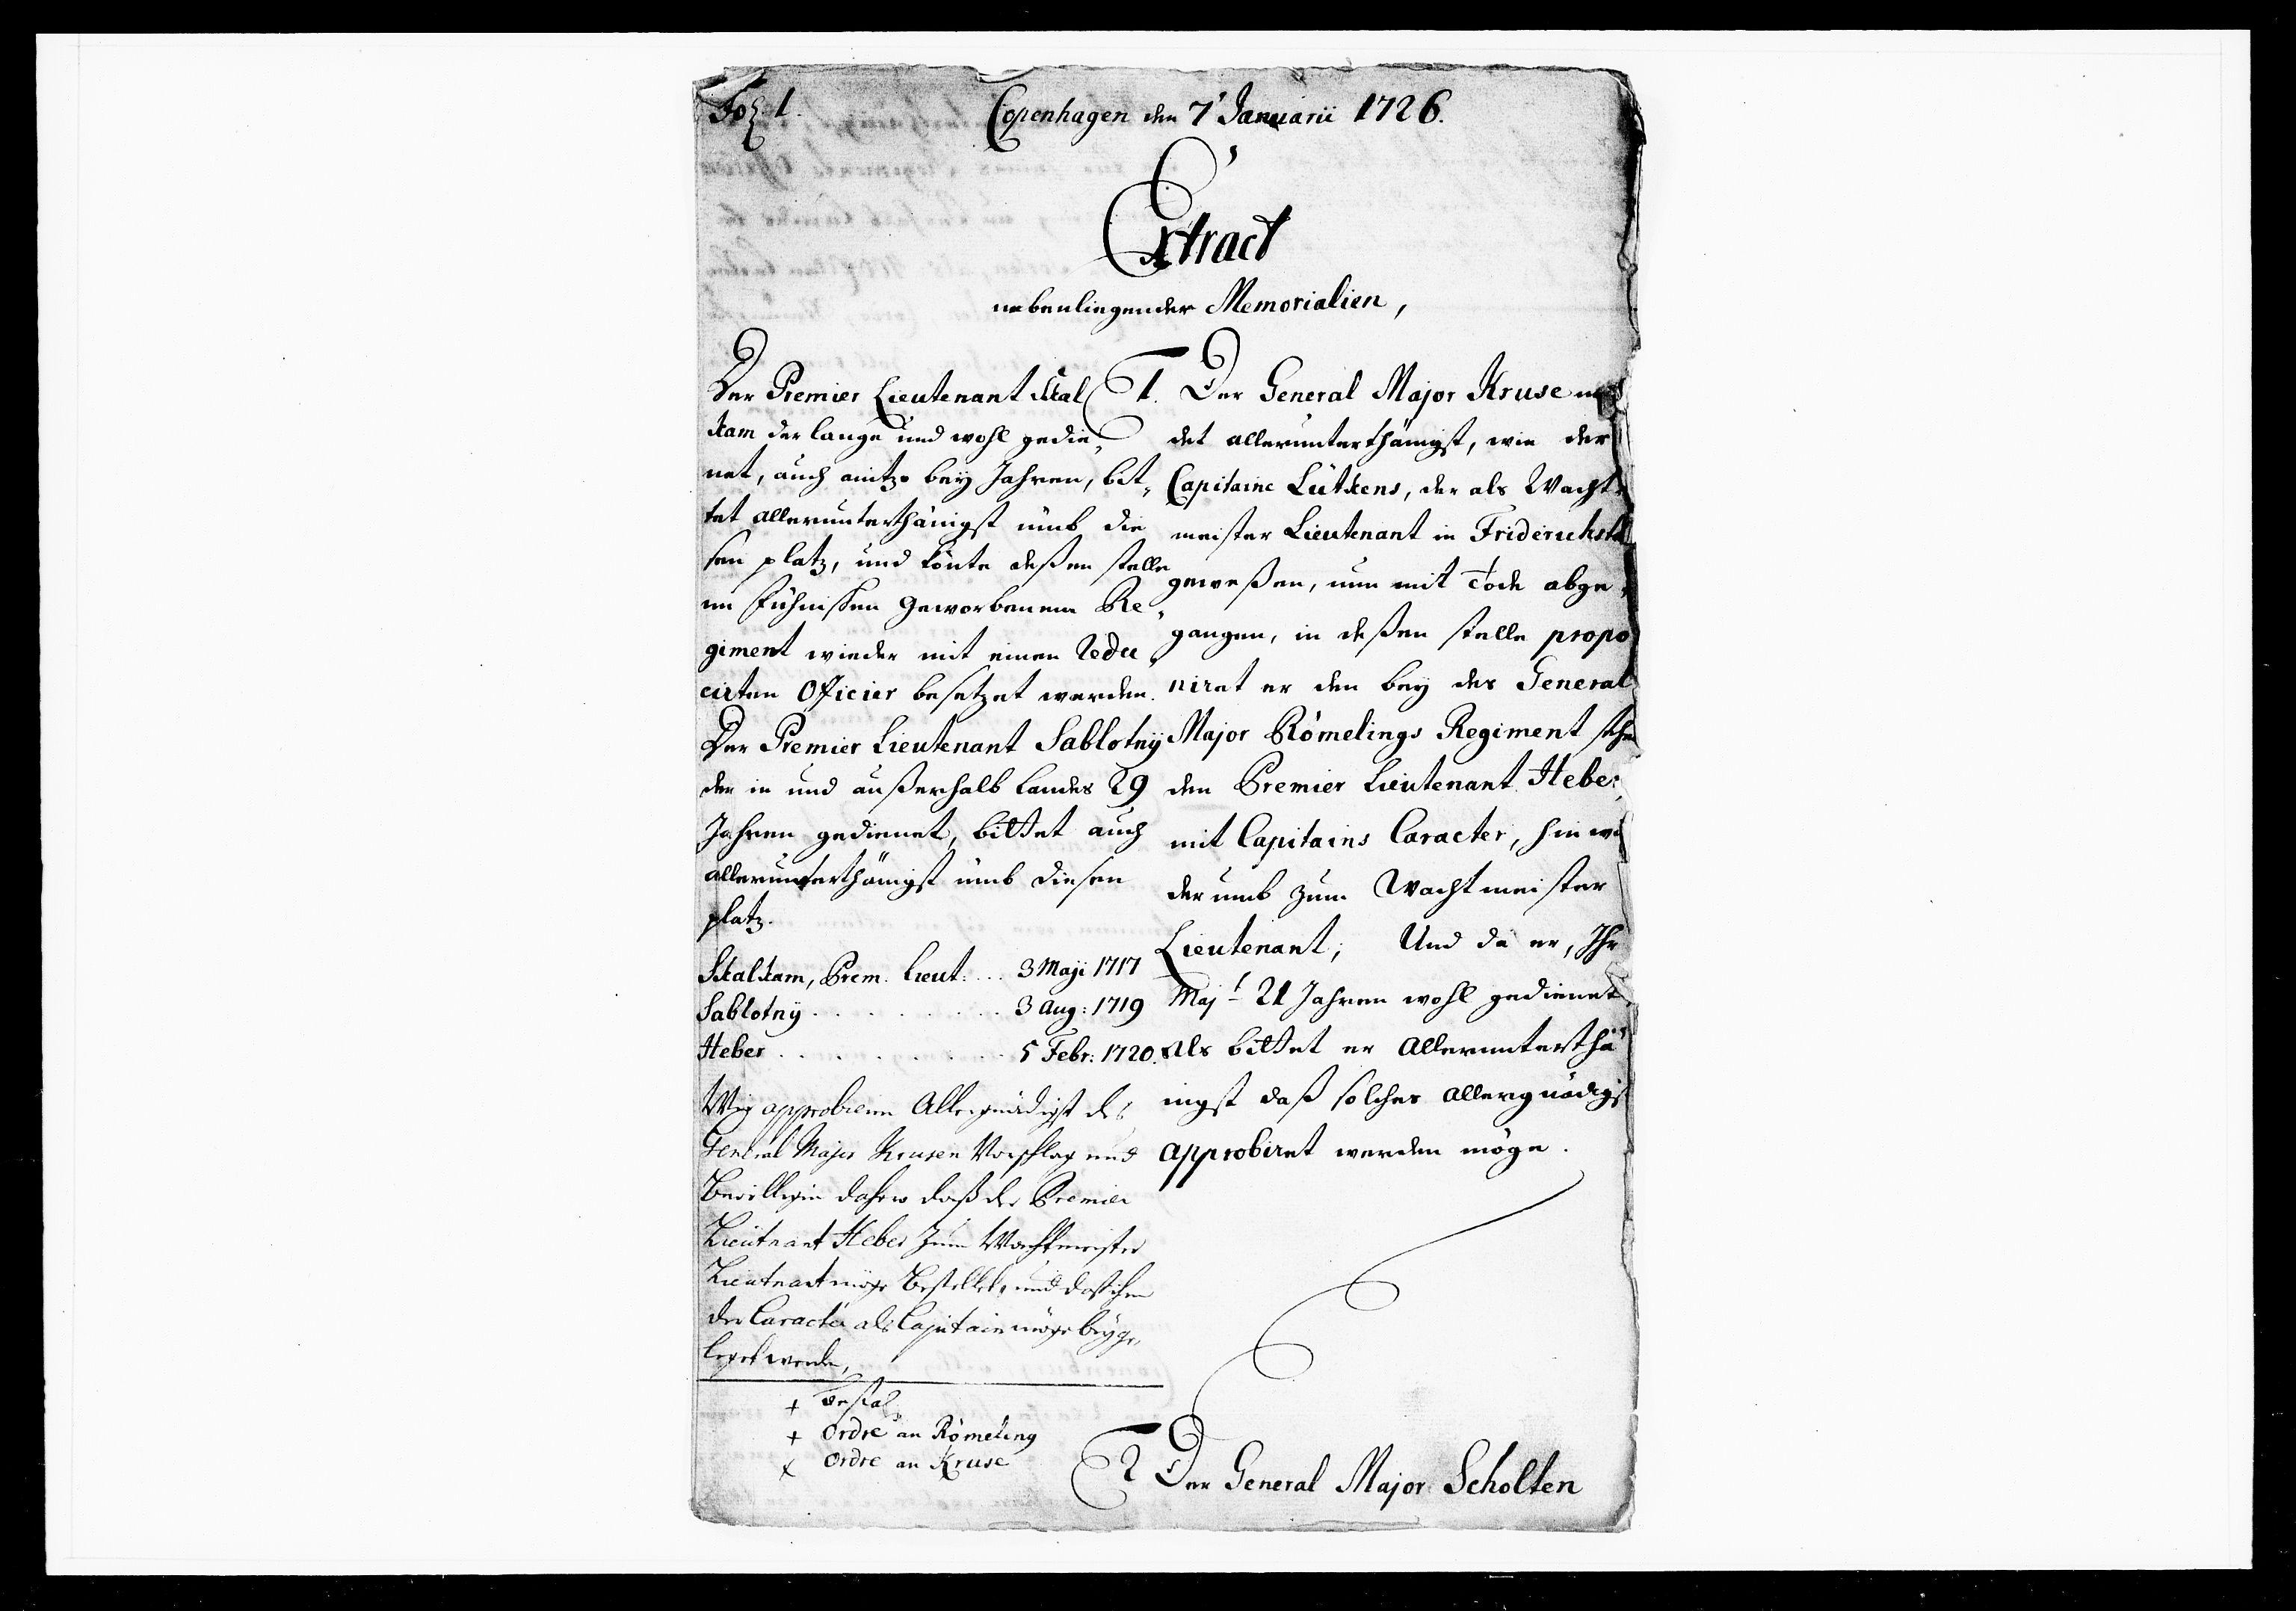 DRA, Krigskollegiet, Krigskancelliet, -/1078-1081: Refererede sager, 1726, s. 2